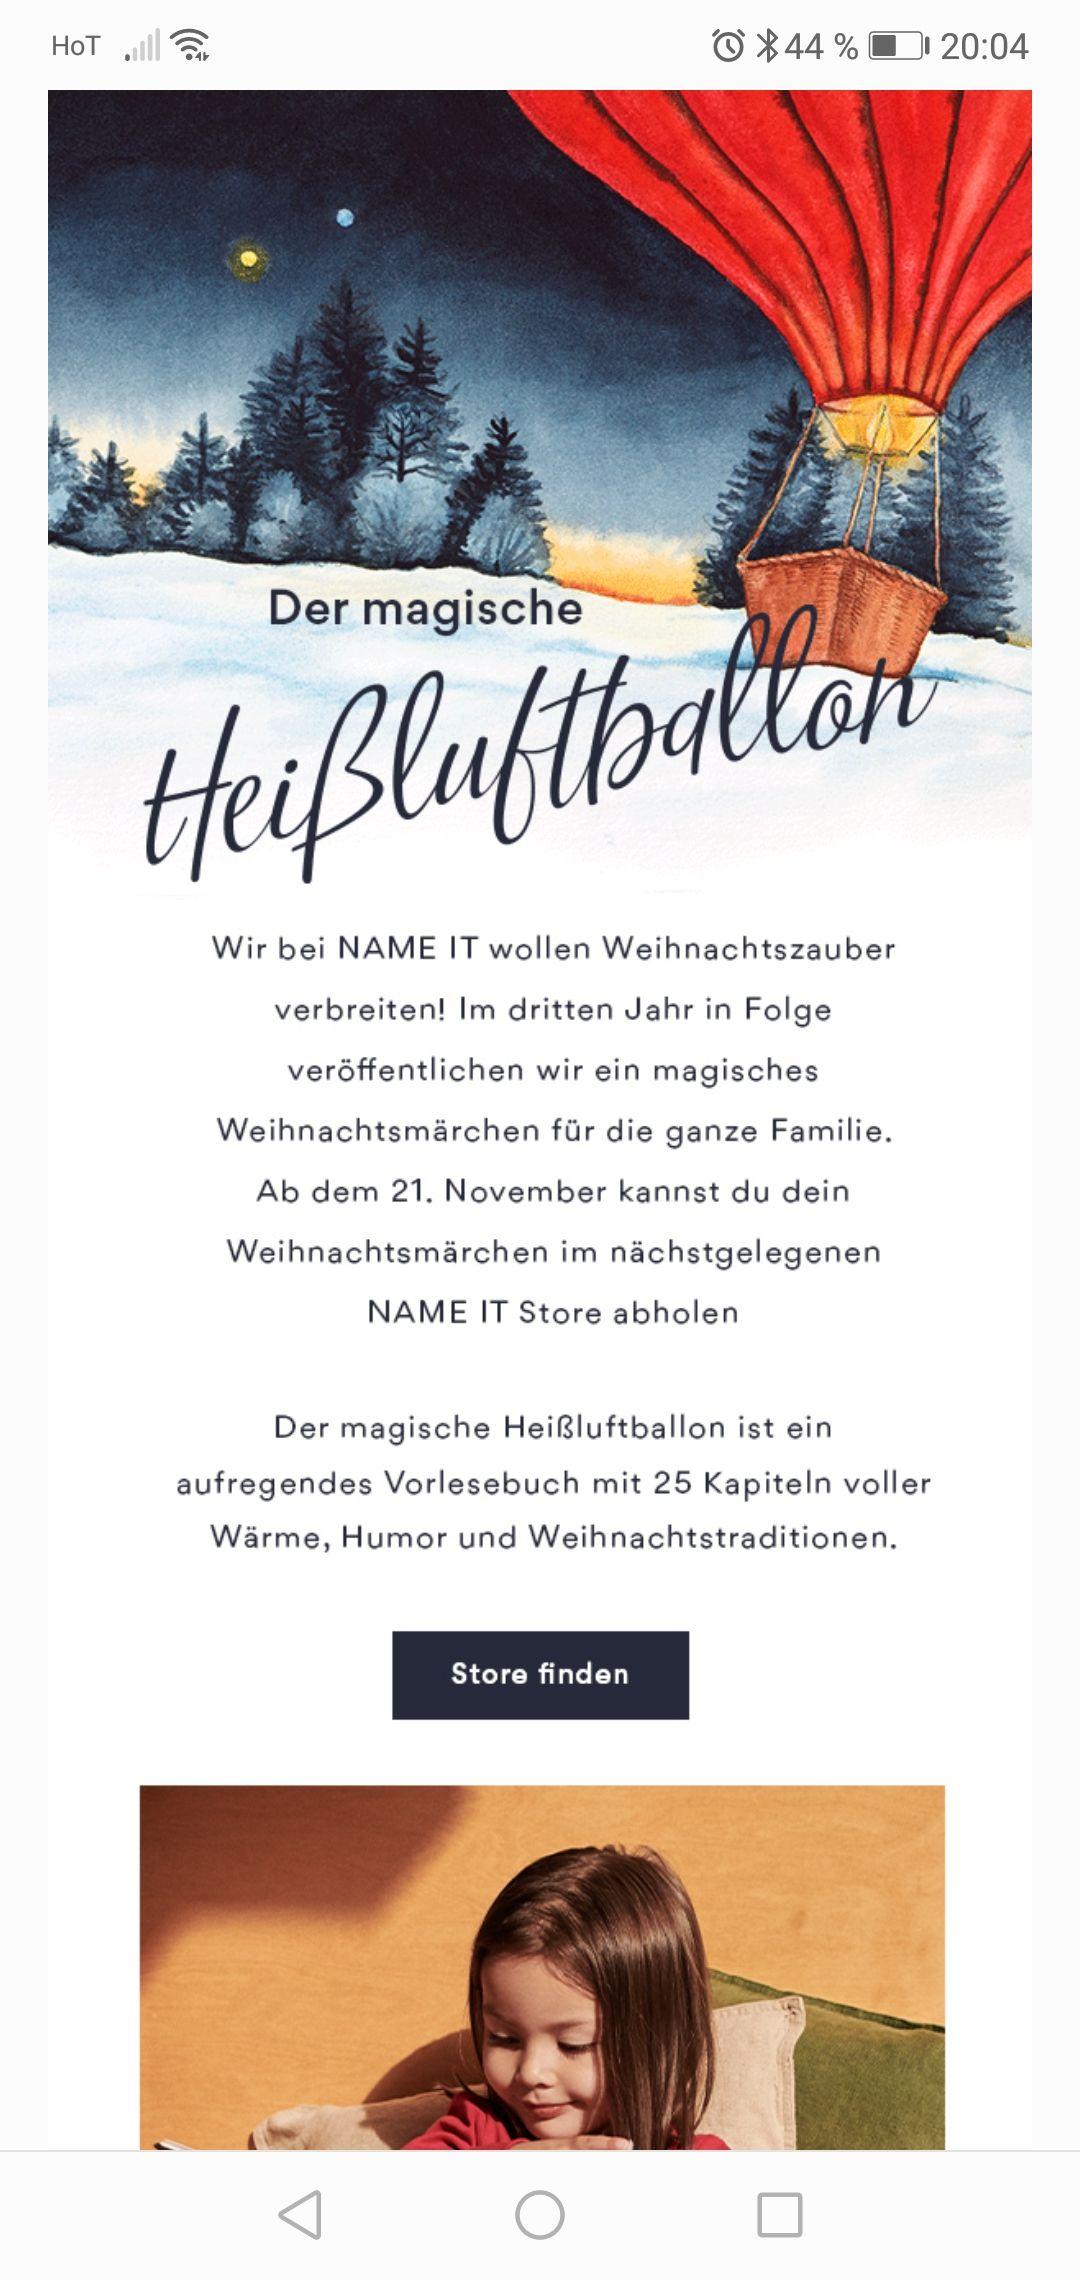 Name it gratis Weihnachts Märchen Buch abholen